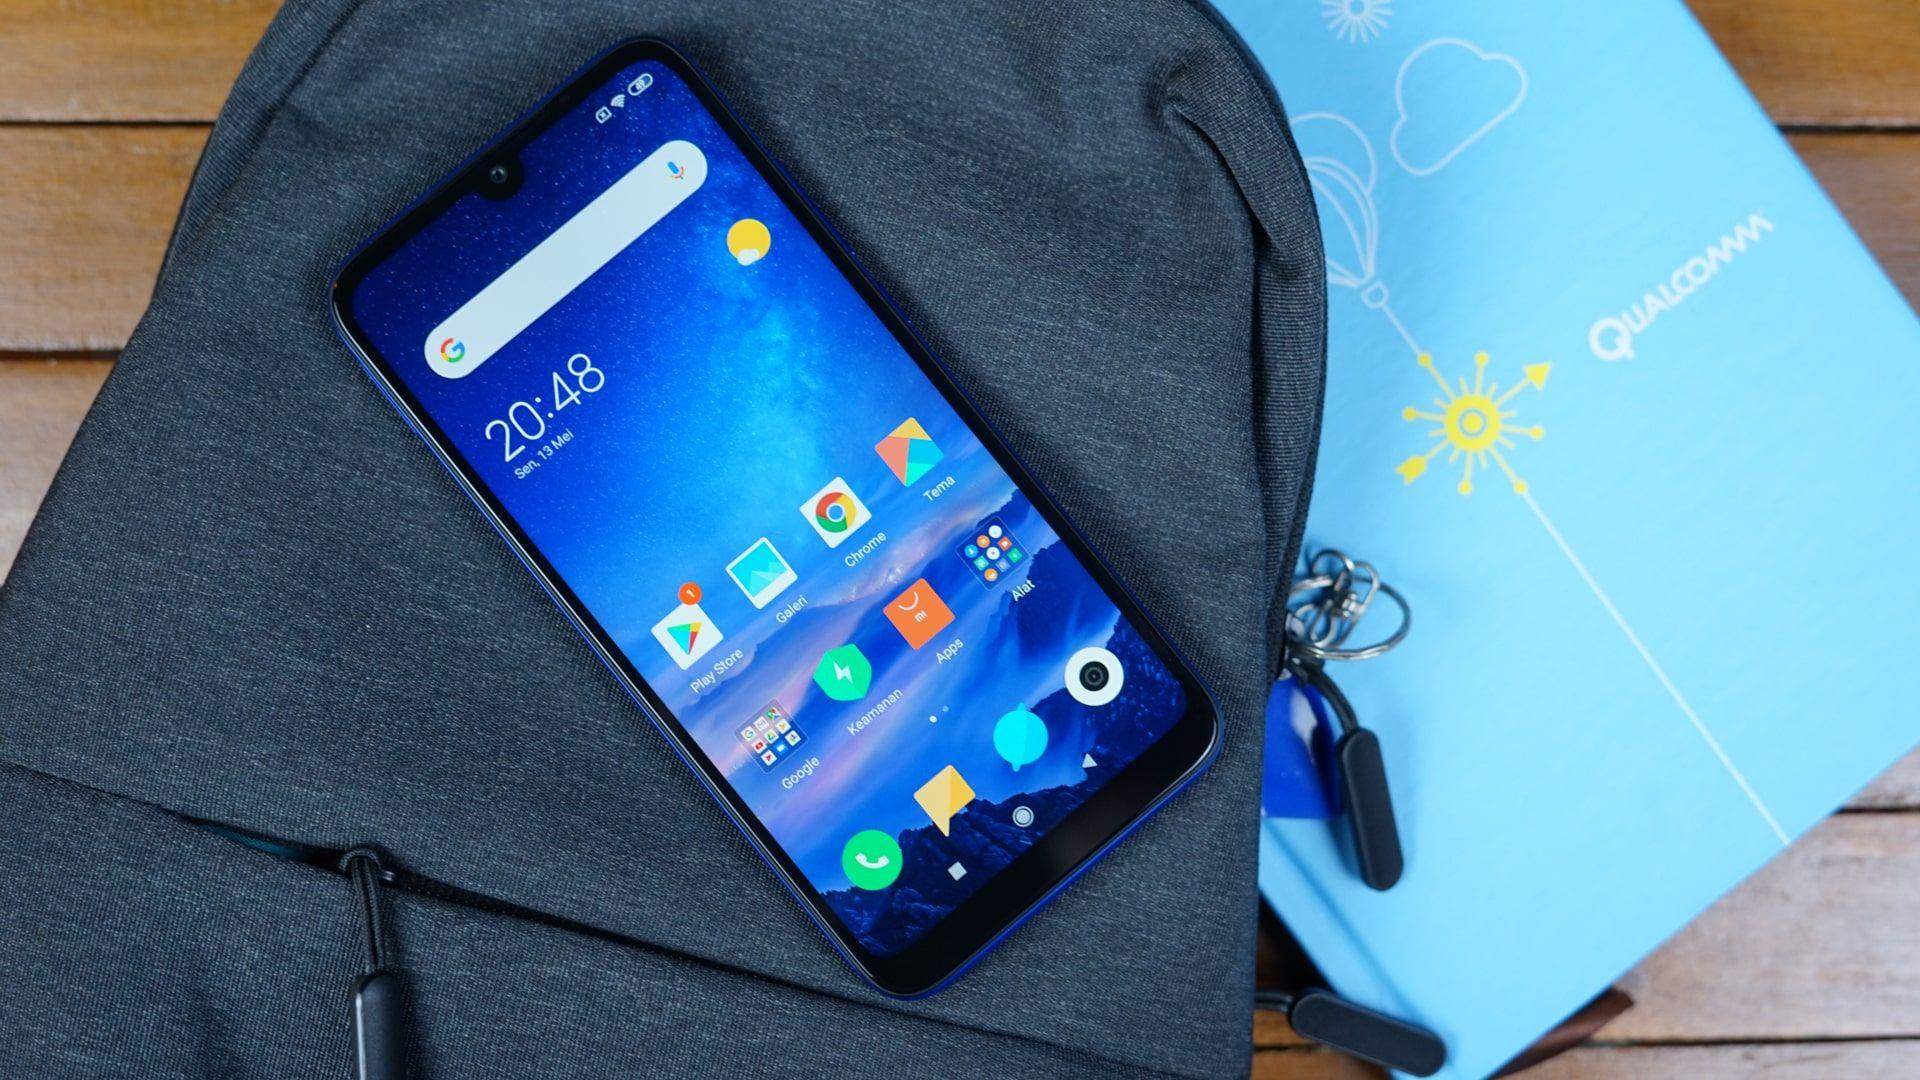 Redmi Note 8, um celular Xiaomi, com a tela acesa e apoiado em uma mochila